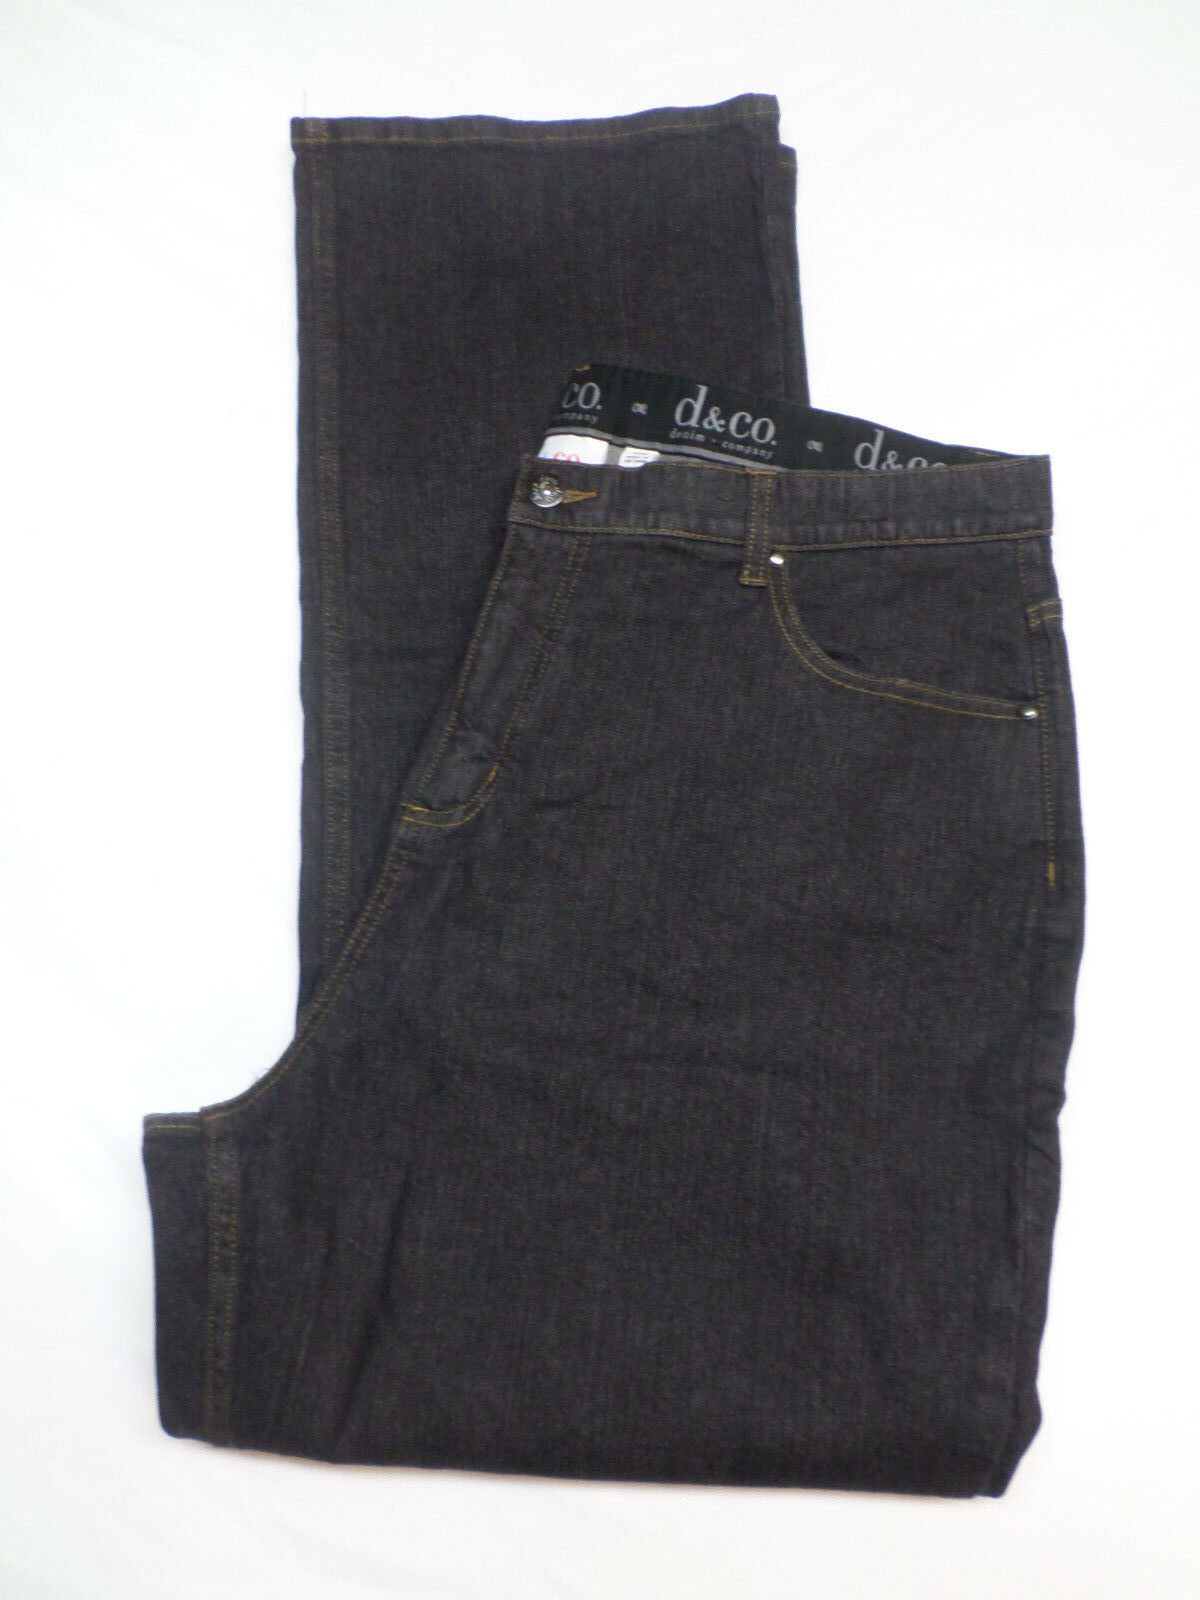 Denim + Company D & Co. Dark Wash Stretch Jeans Tummy Control Women's Size 22W